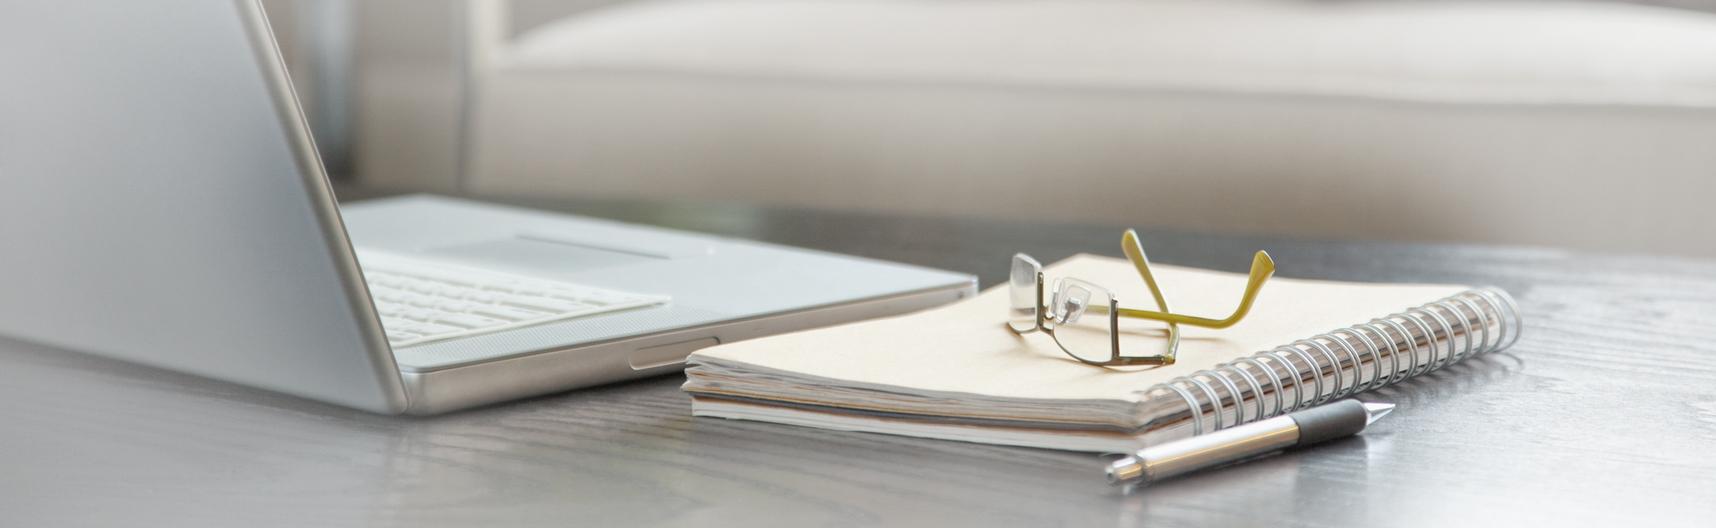 Что такое реквизиты документов, организации, ооо, ип?